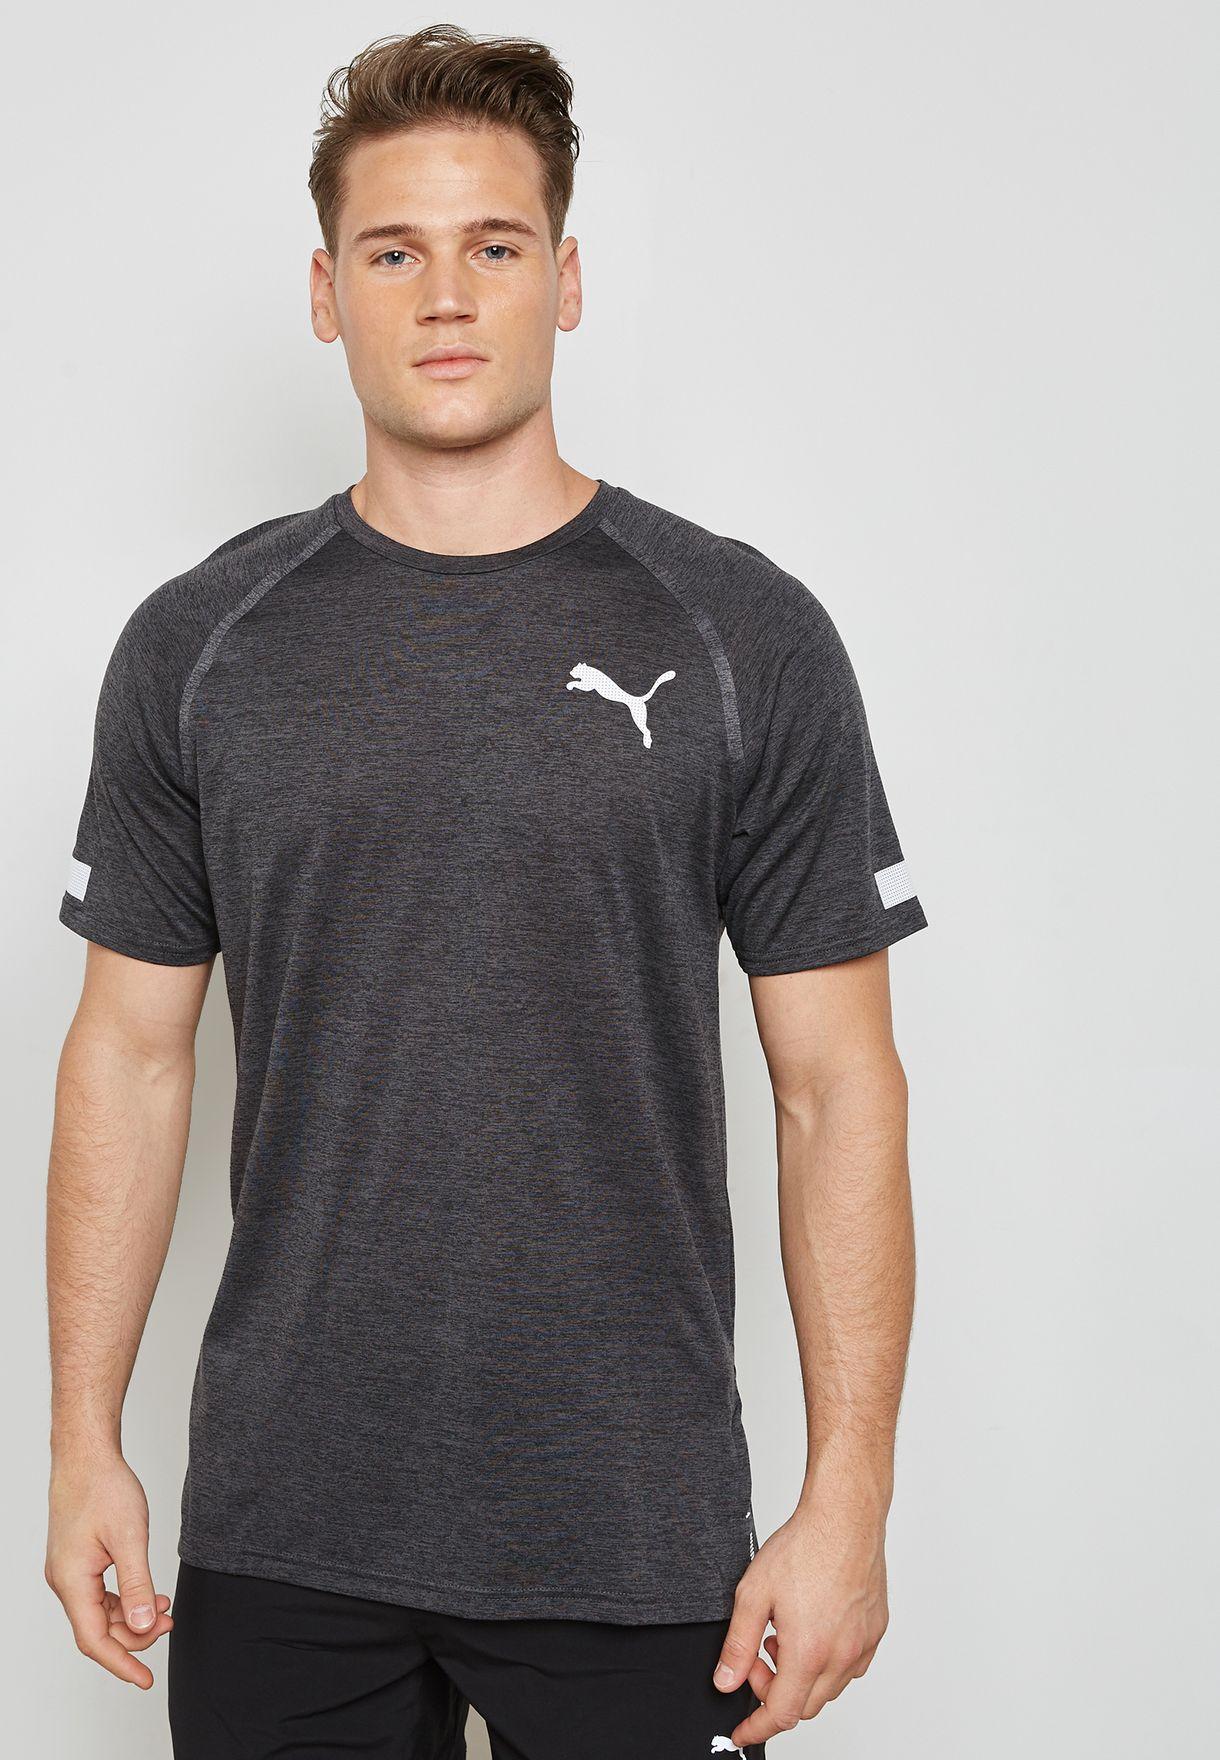 93dd5d3c4a50 Shop PUMA grey Bonded Tech T-Shirt 51633501 for Men in UAE ...